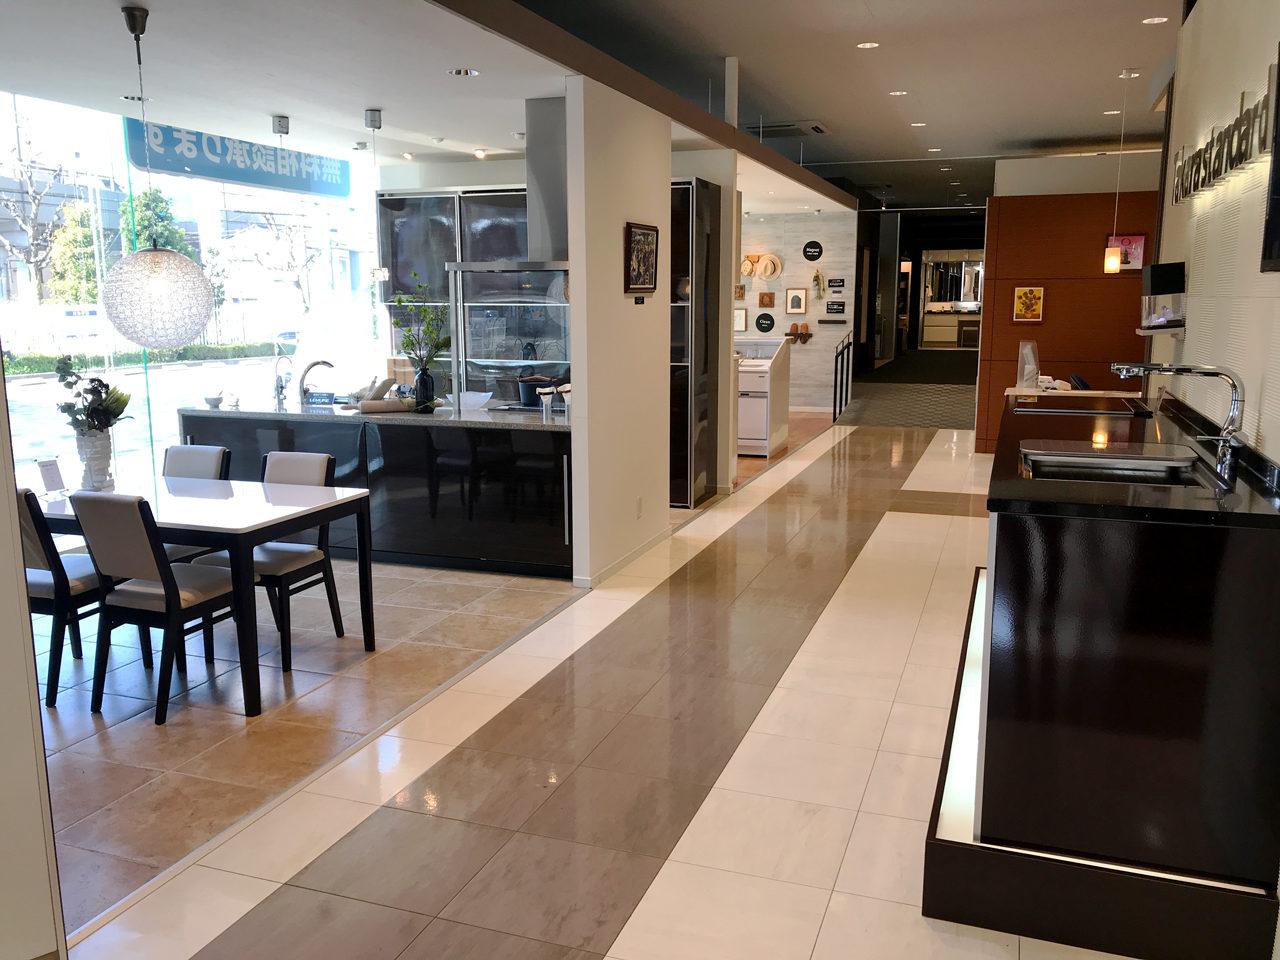 空き家を賃貸マンションへリノベーション改装プロジェクトのお施主様とタカラ名古屋ショールームへ